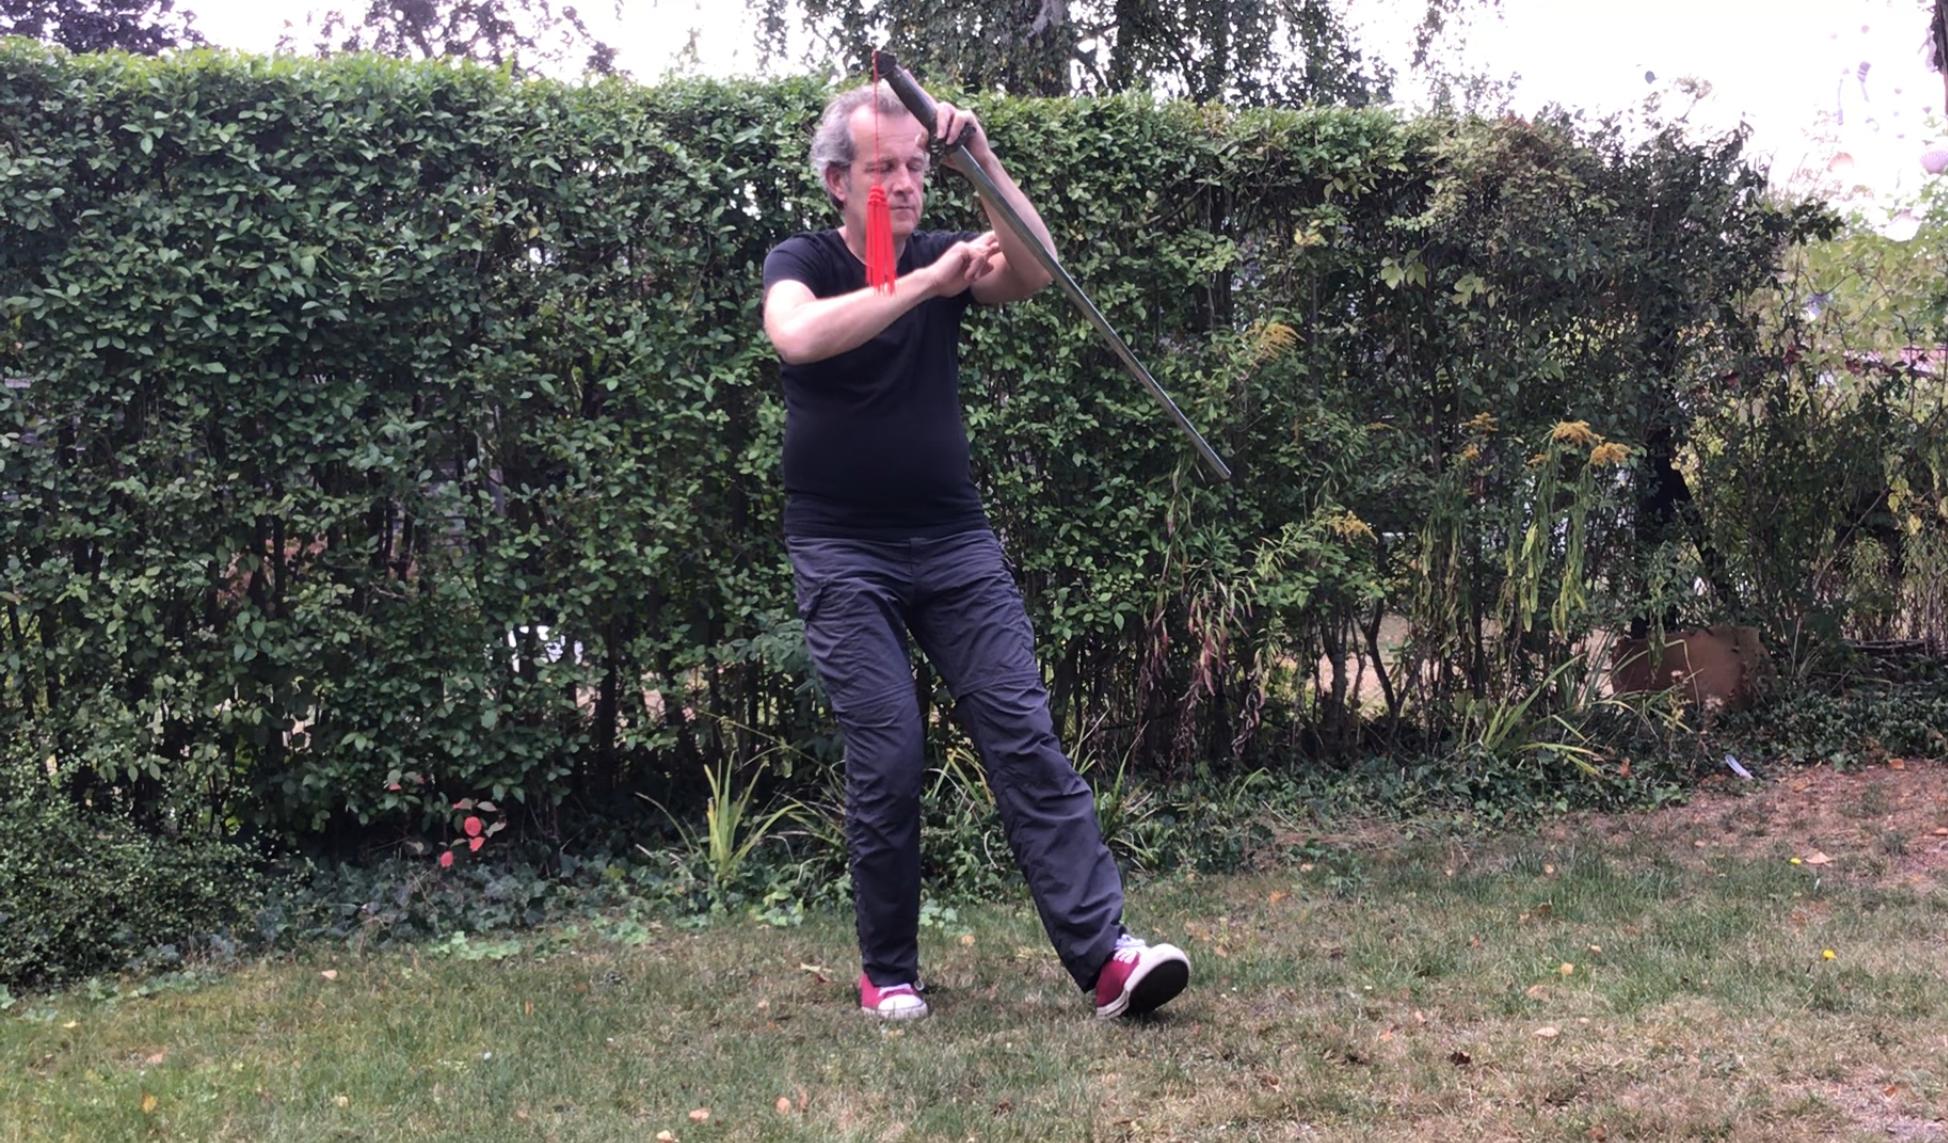 neben den Waffenformen Säbel & Lanze habe ich in 2019 mit dem Studium der Schwertform begonnen